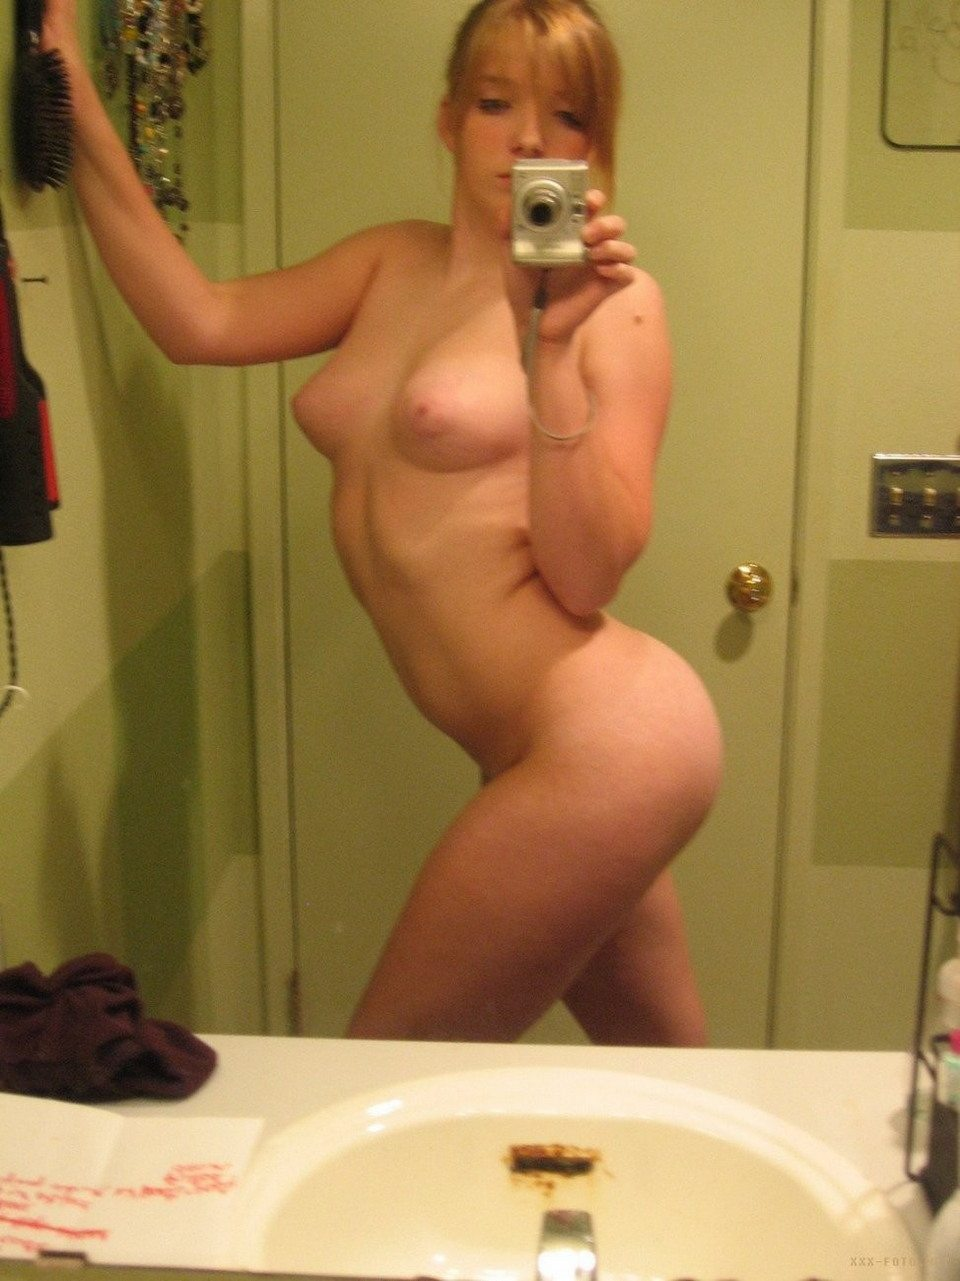 двое голые фотографируют себя в зеркале страшит